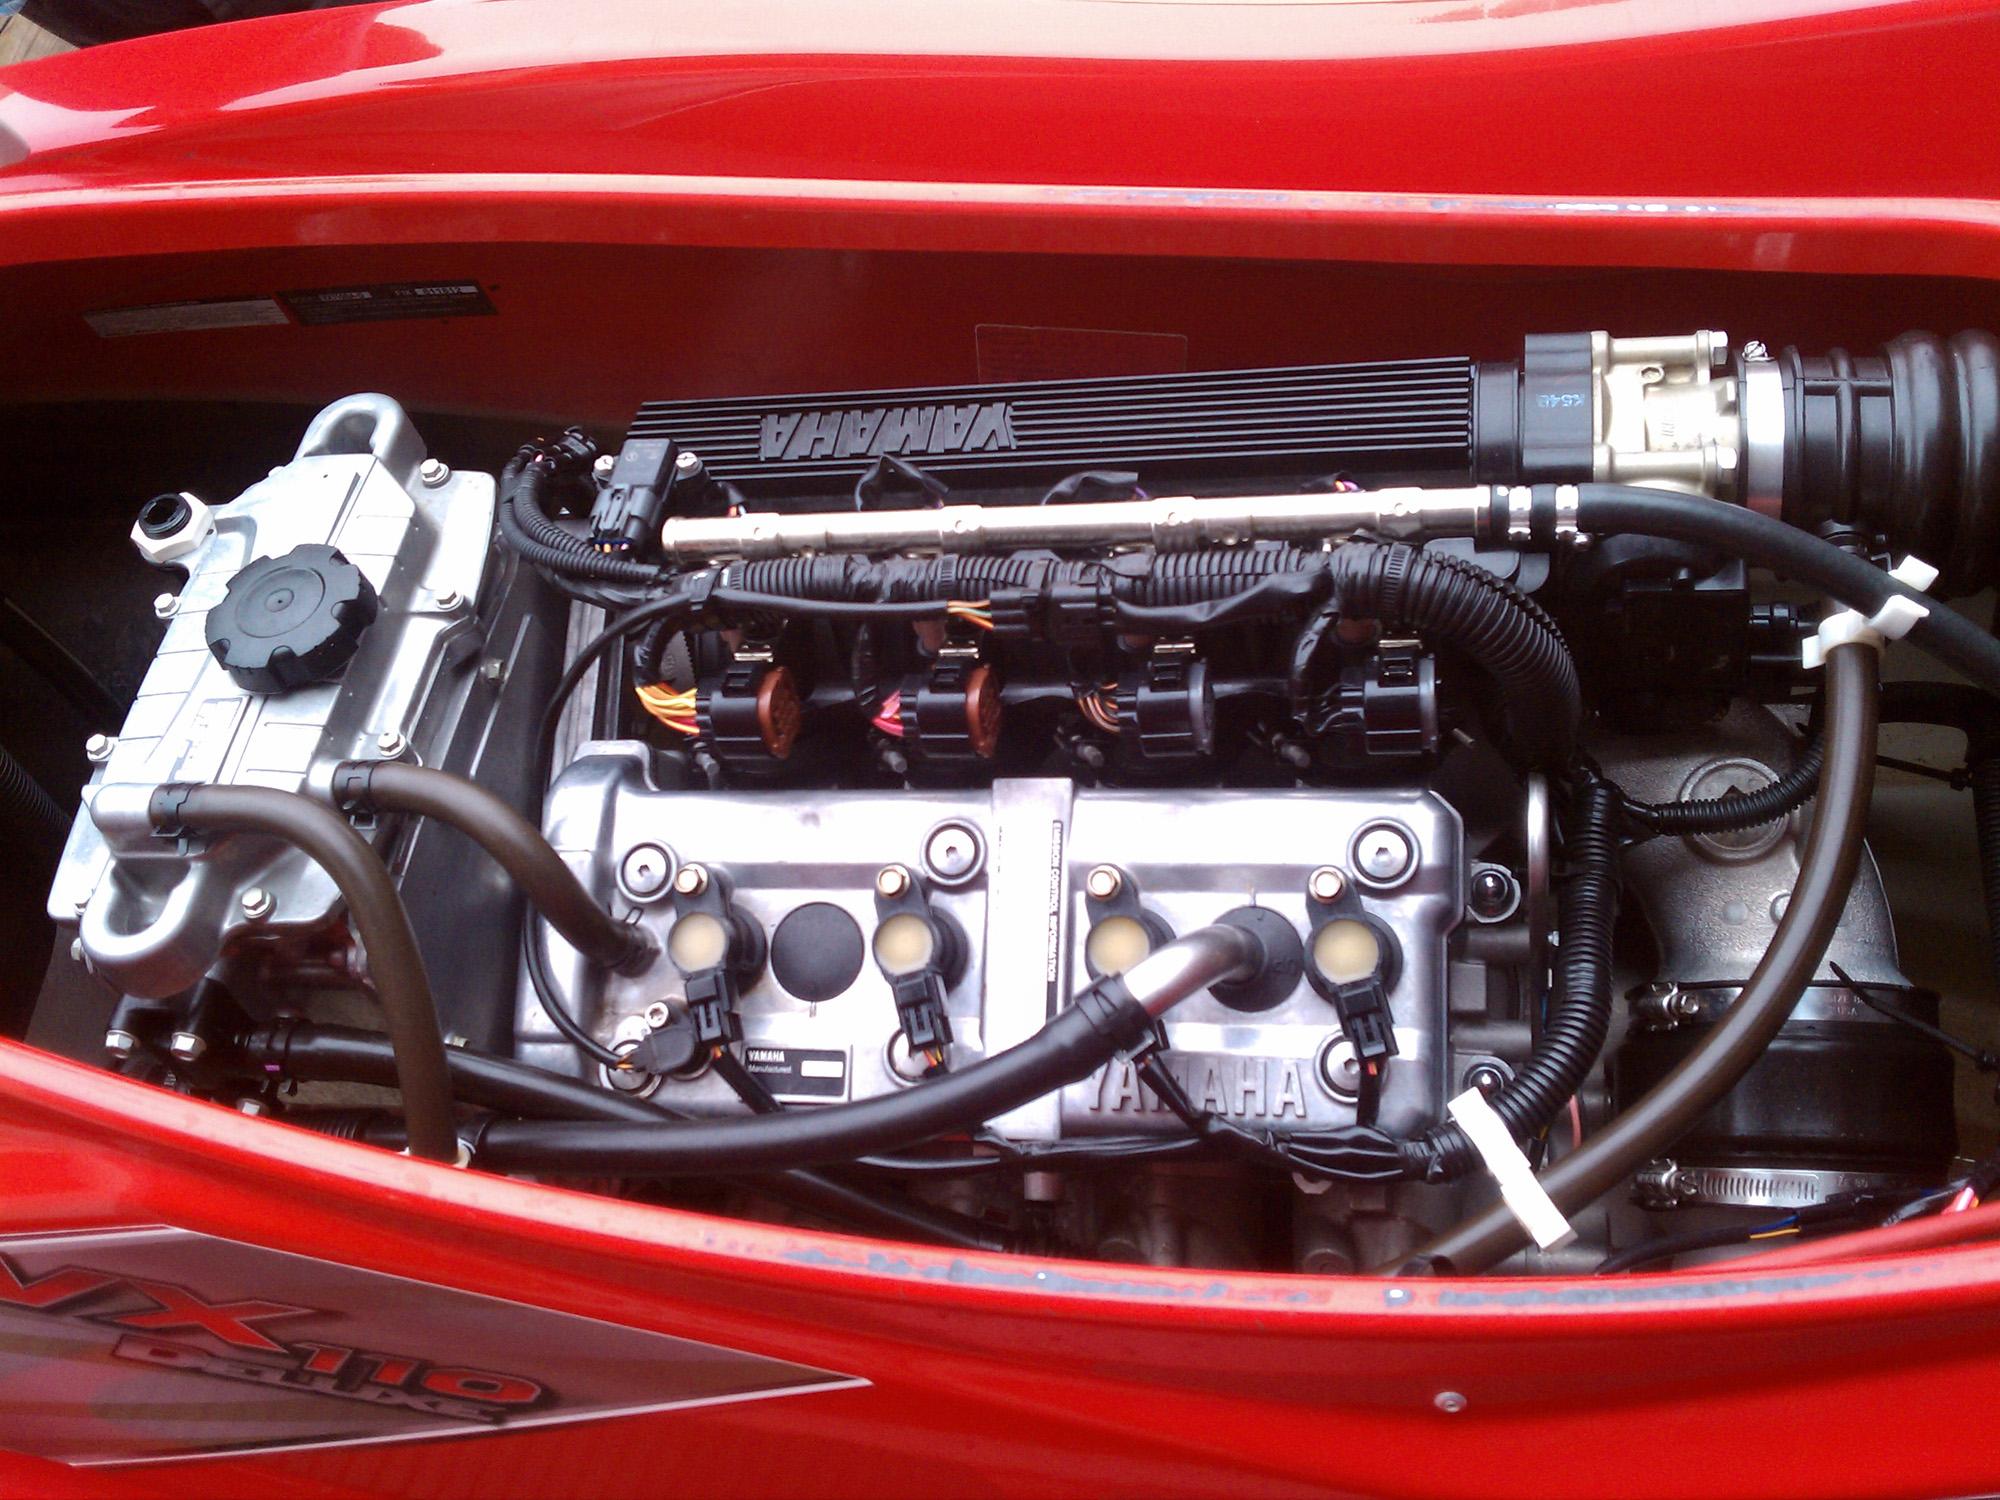 jetskifix check-a-craft yamaha engine